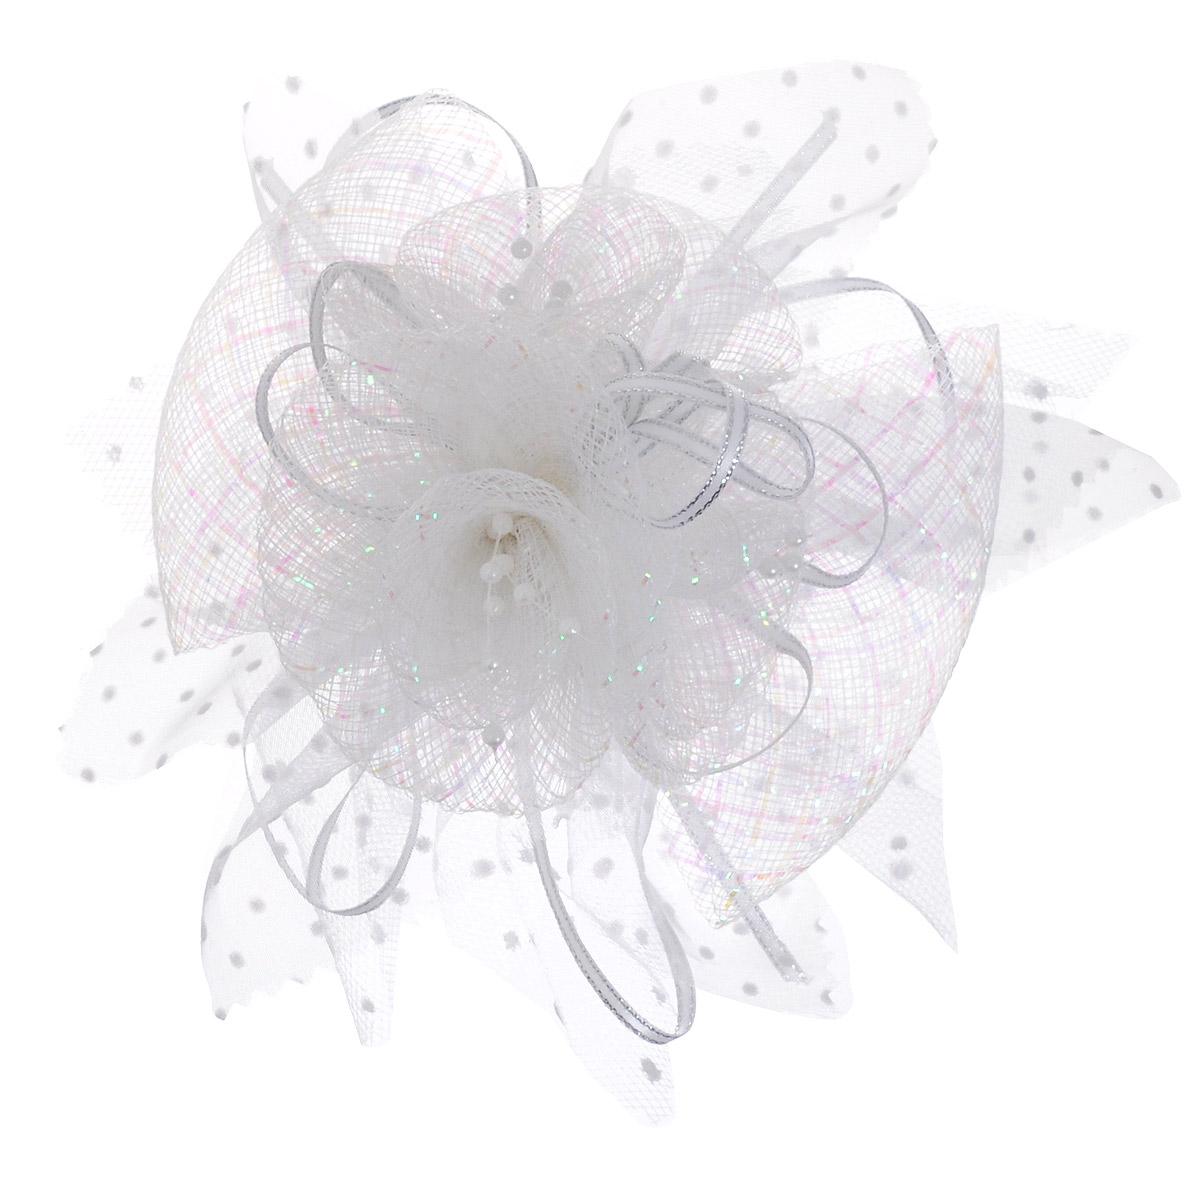 Babys Joy Зажим для волос цвет белый K 92104Зажим для волос Babys Joy выполнен из металла и декорирован большим бантом из органзы с лентой из люрекса.Зажим позволит убрать непослушные волосы со лба и придаст образу немного романтичности и очарования.